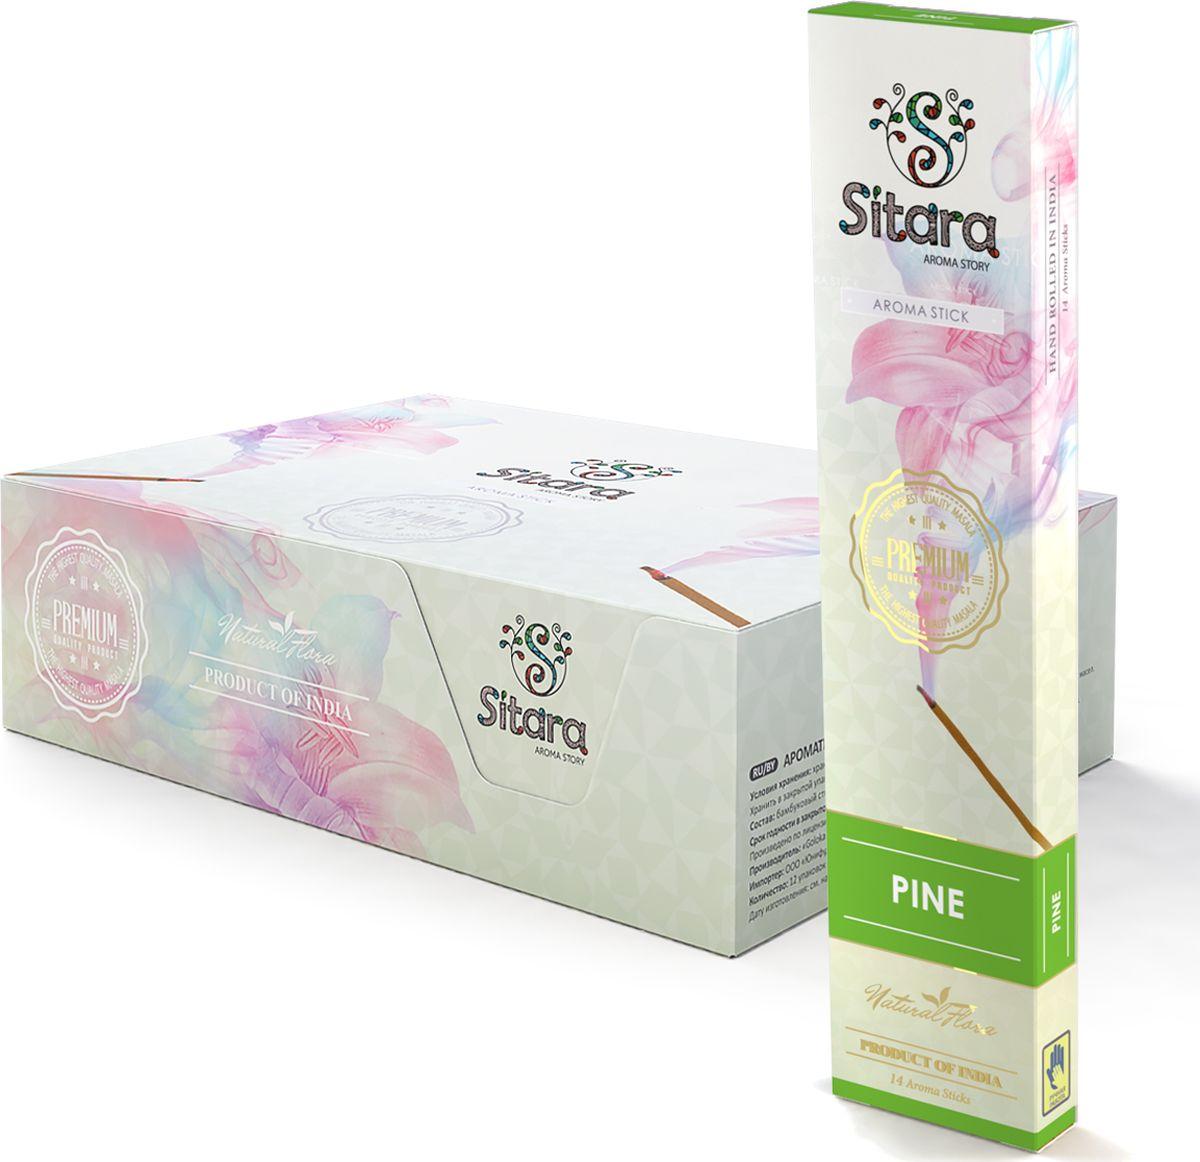 Ароматические палочки Sitara Premium Pine, 14 палочек10327Аромат сосны ароматических палочек Sitara Premium Pineнаполняет воздух прохладой и свободой.В совершенстве подойдет тем, кто не любит слишком приторные запахи. Способ применения: Поджечь сторону, противоположную бамбуковому основанию. Через несколько секунд после возгорания задуть пламя. Поставить ароматическую палочку в подставку, соблюдая необходимые меры пожарной безопасности. Состав: Бамбуковый стержень (Bamboo rod), натуральный мед (Honey), смола и пудра сандалового дерева (Resin and sandalwood powder), натуральная эссенция эфирных масел (Essential oils)С осторожностью:Людям страдающими заболеваниями дыхательных путей, аллергическими реакциями, при беременности.